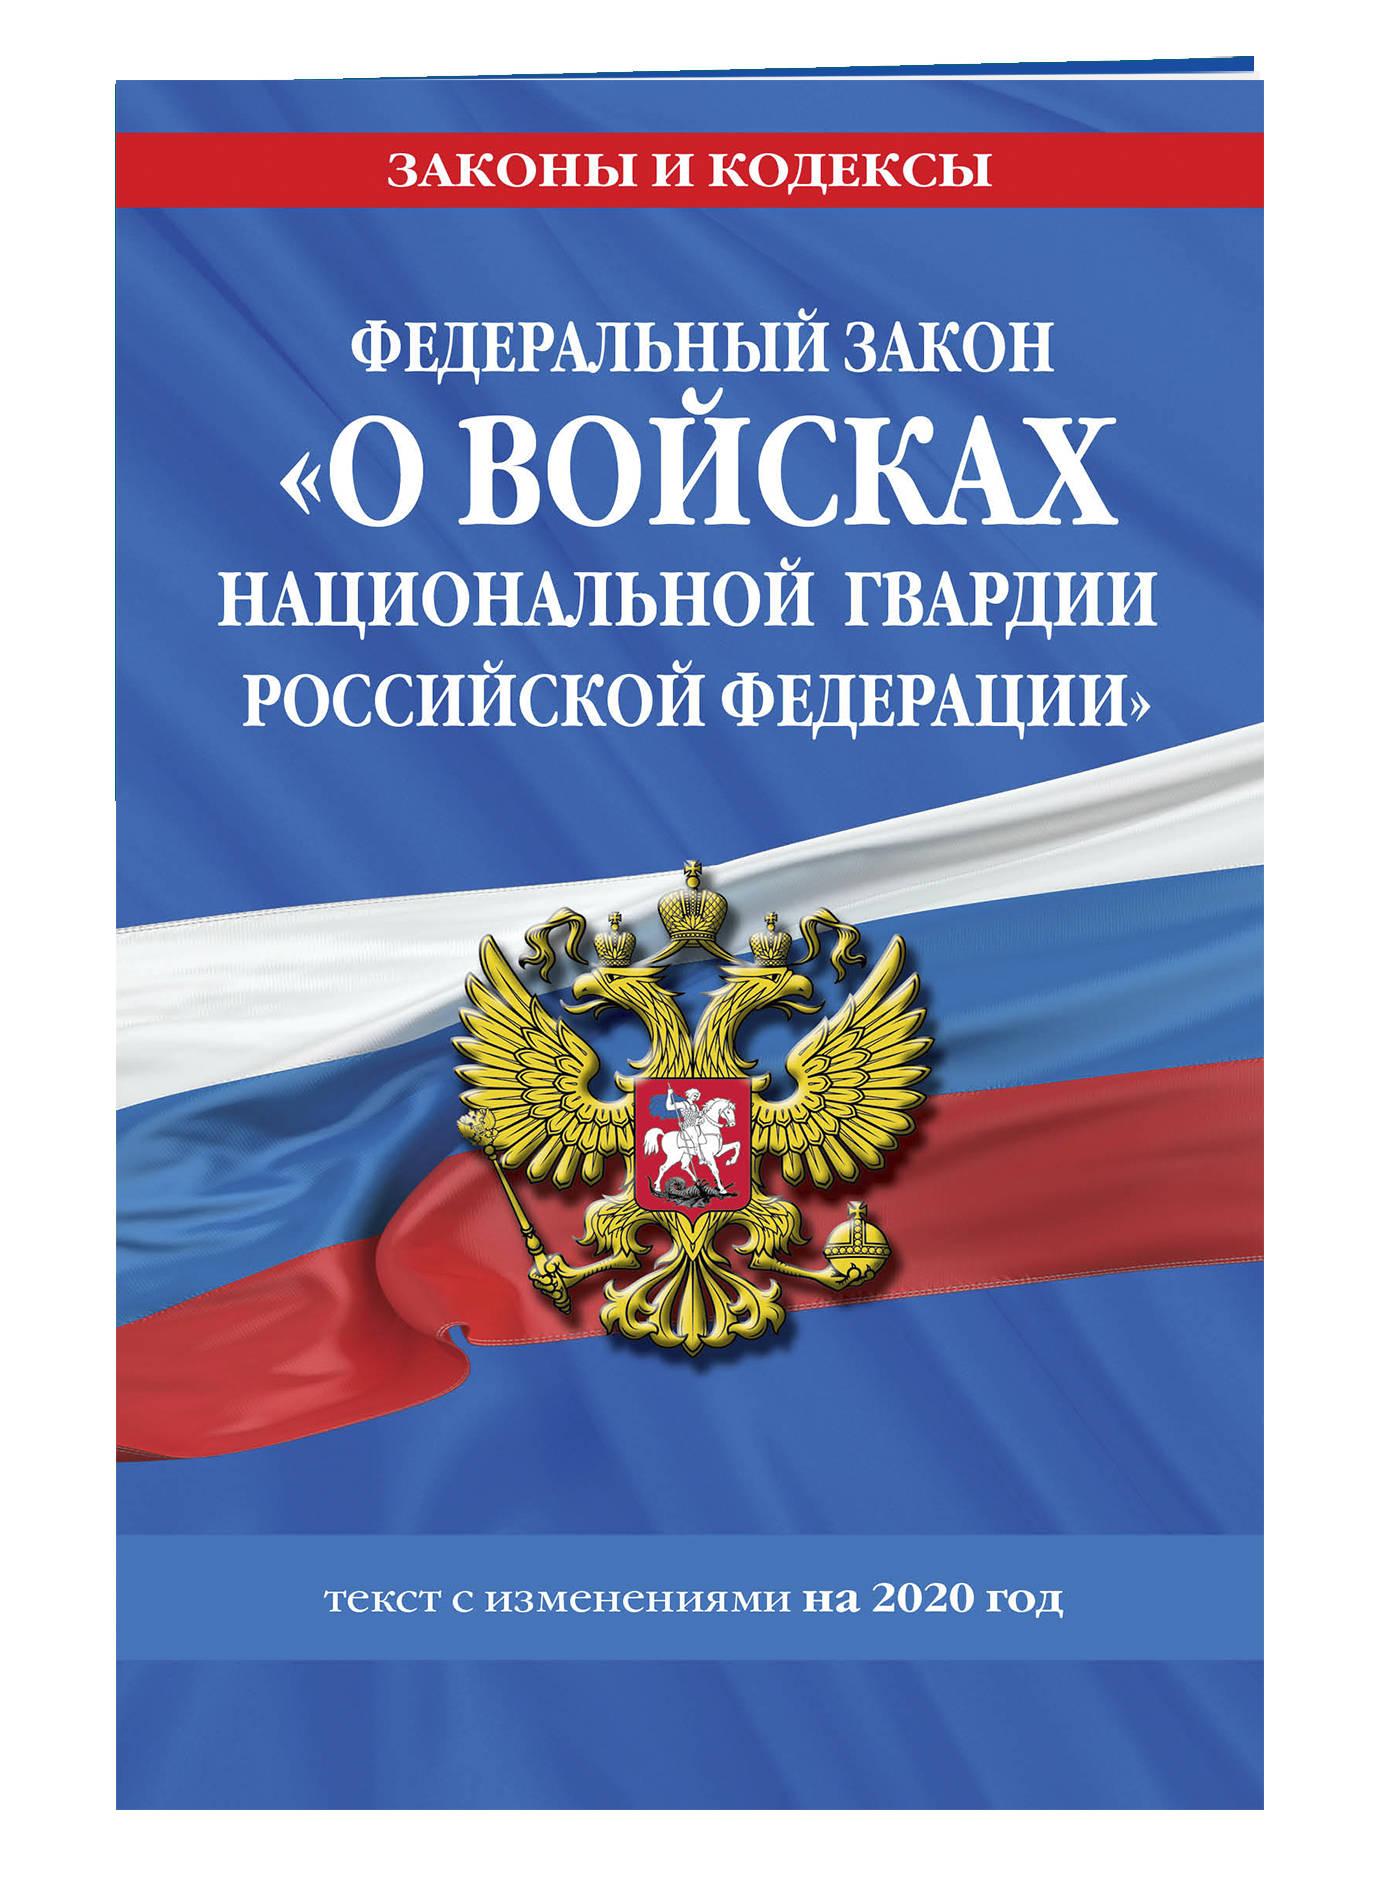 Федеральный закон «О войсках национальной гвардии Российской Федерации»: текст с изменениями на 2020 г.